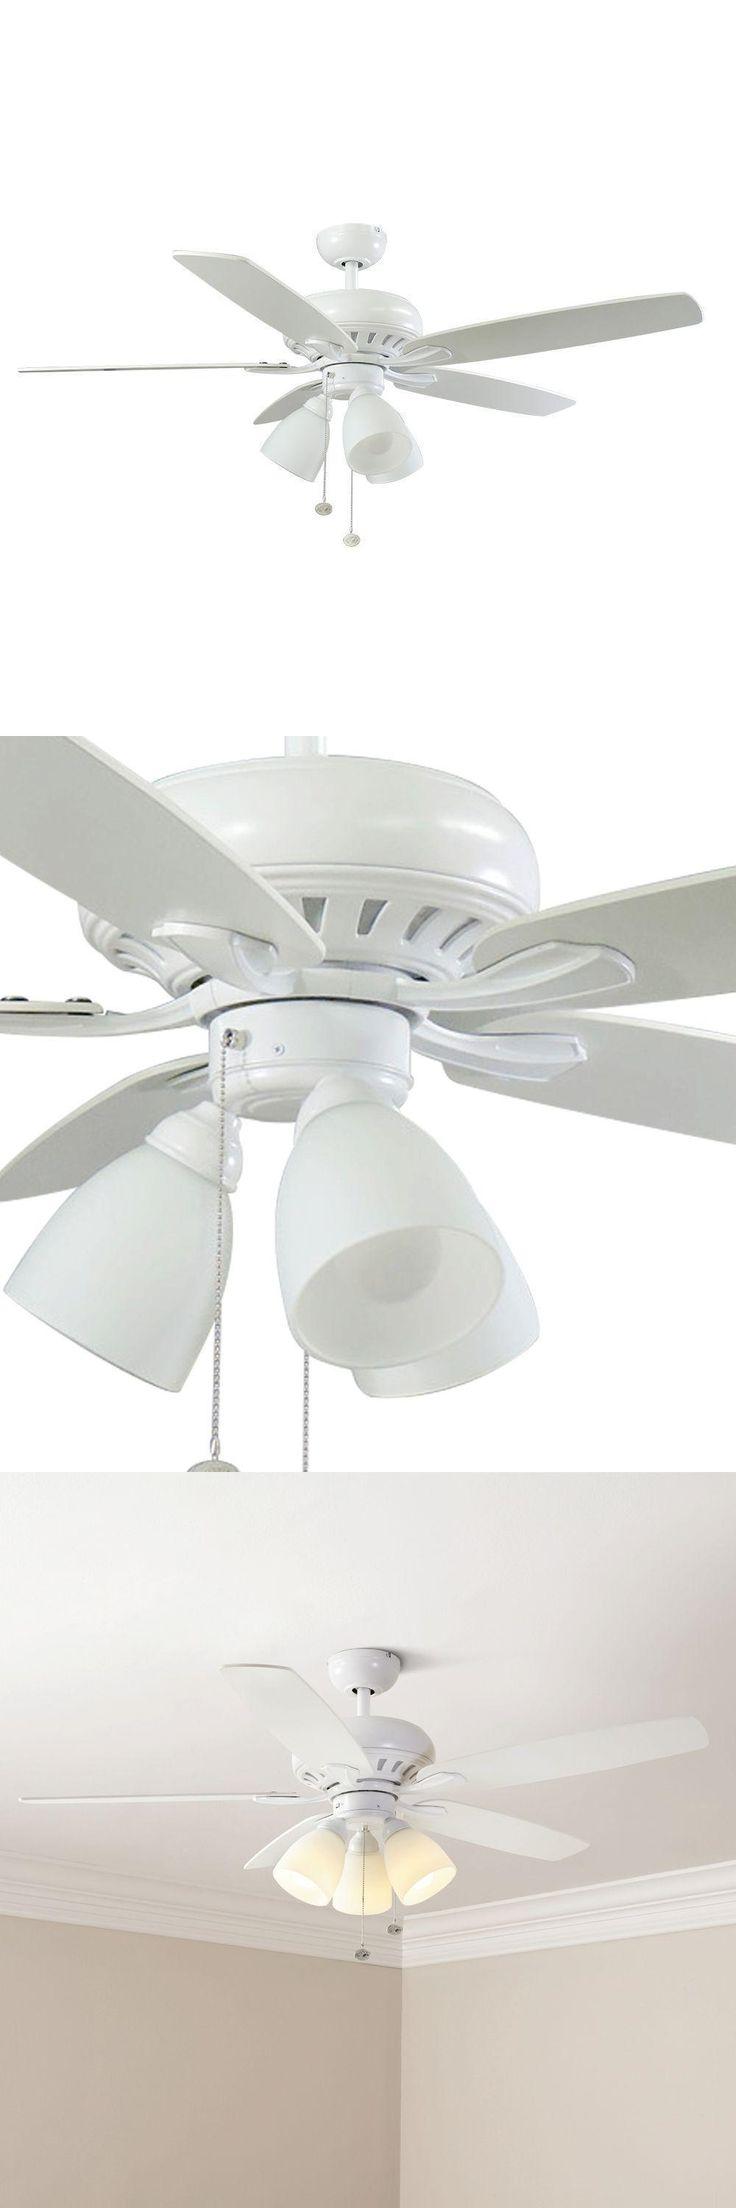 Ceiling Fans 176937: Hampton Bay Rockport 52 In. Led Matte White Ceiling Fan 1001673210 -> BUY IT NOW ONLY: $68.95 on eBay!